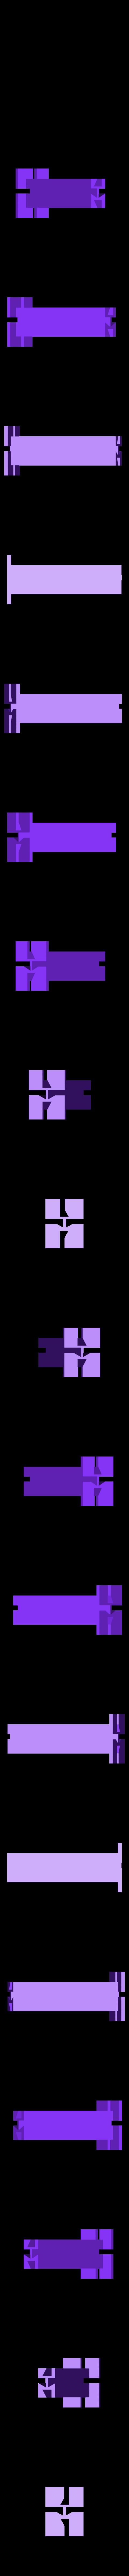 Vertical_Joint.stl Télécharger fichier STL gratuit Boîte Dominion Box • Modèle pour imprimante 3D, gthanatos